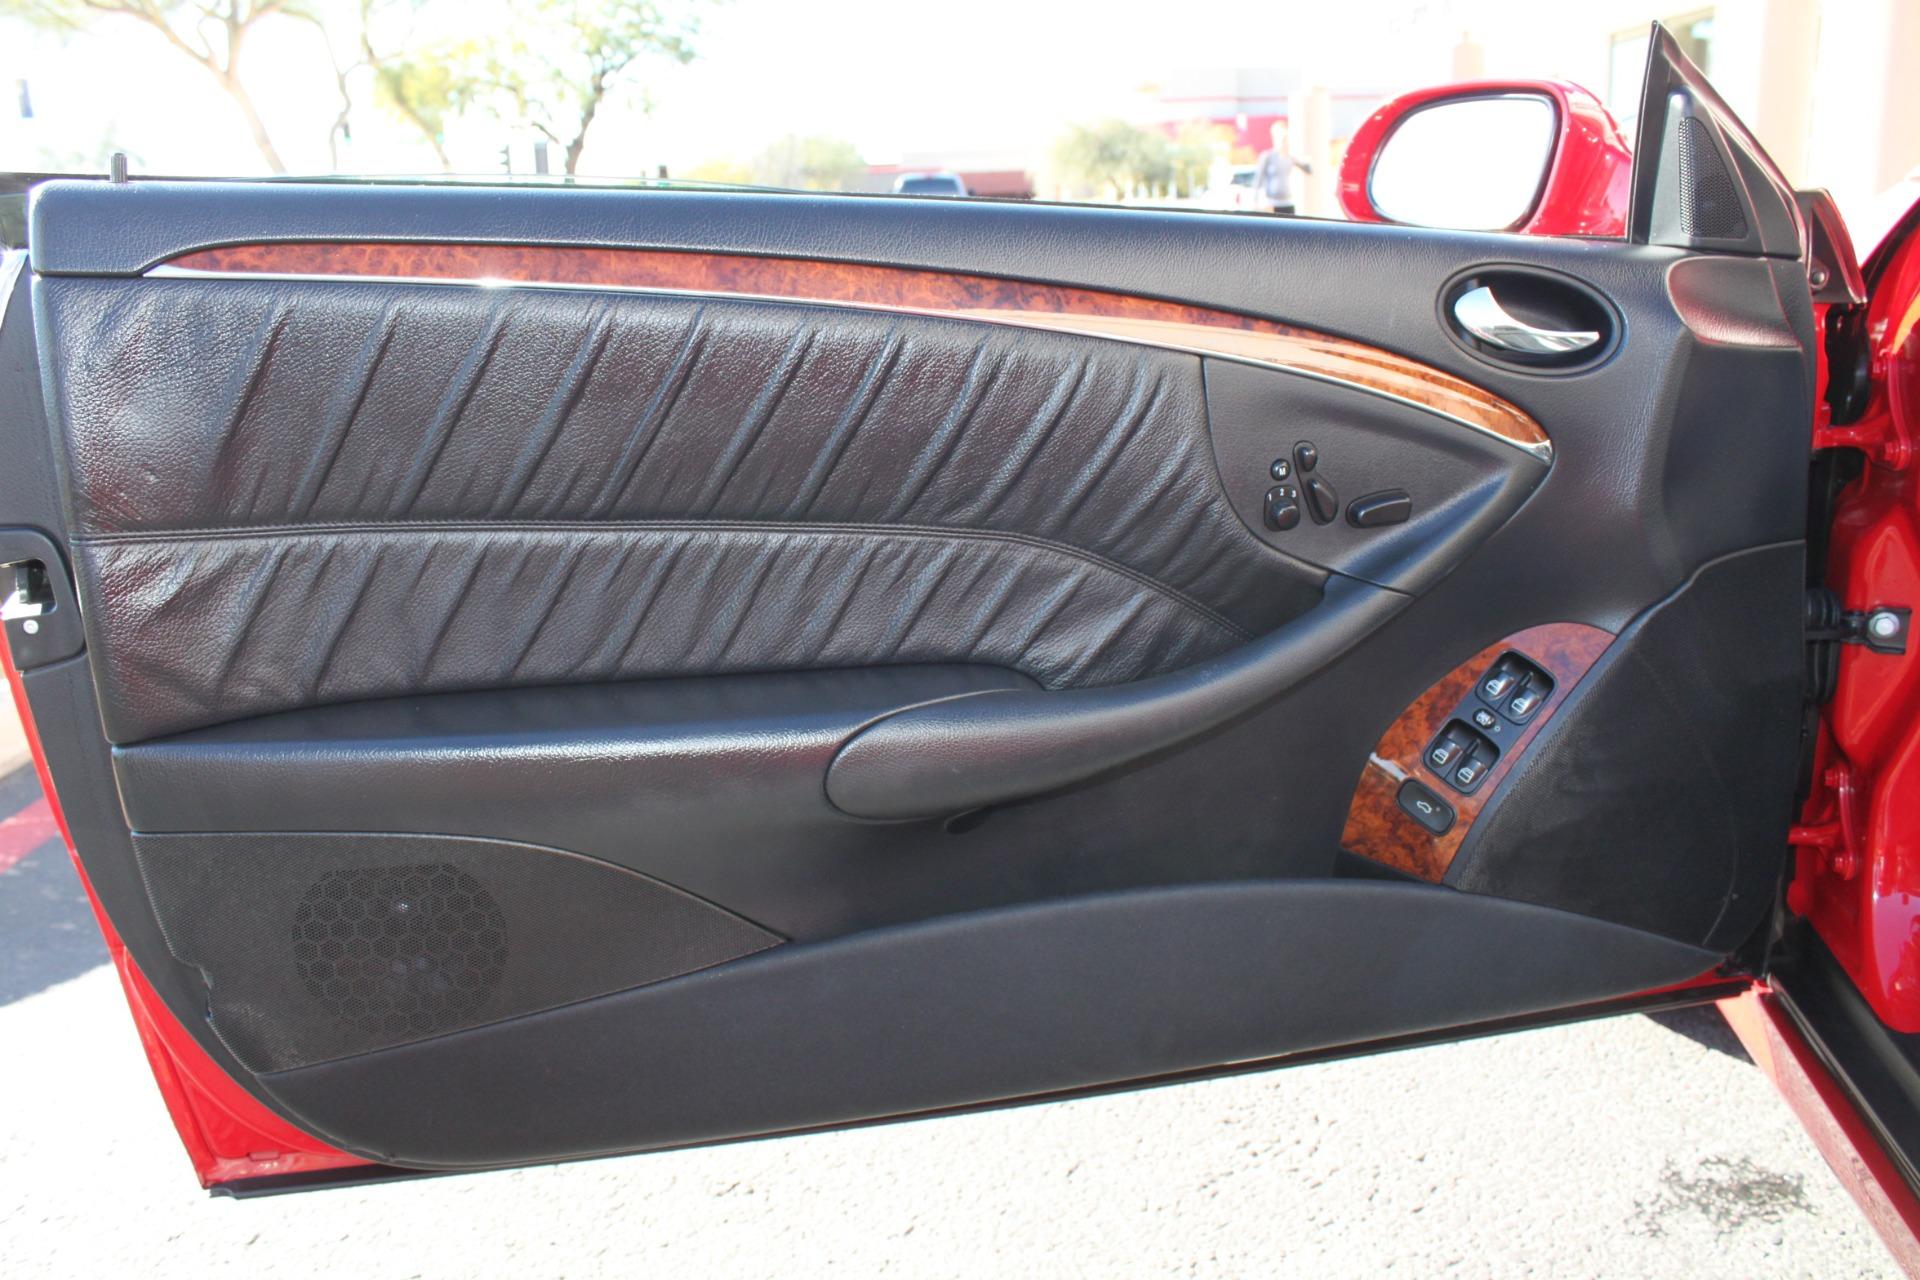 Used-2006-Mercedes-Benz-CLK-Class-CLK350-Cabriolet-35L-Honda